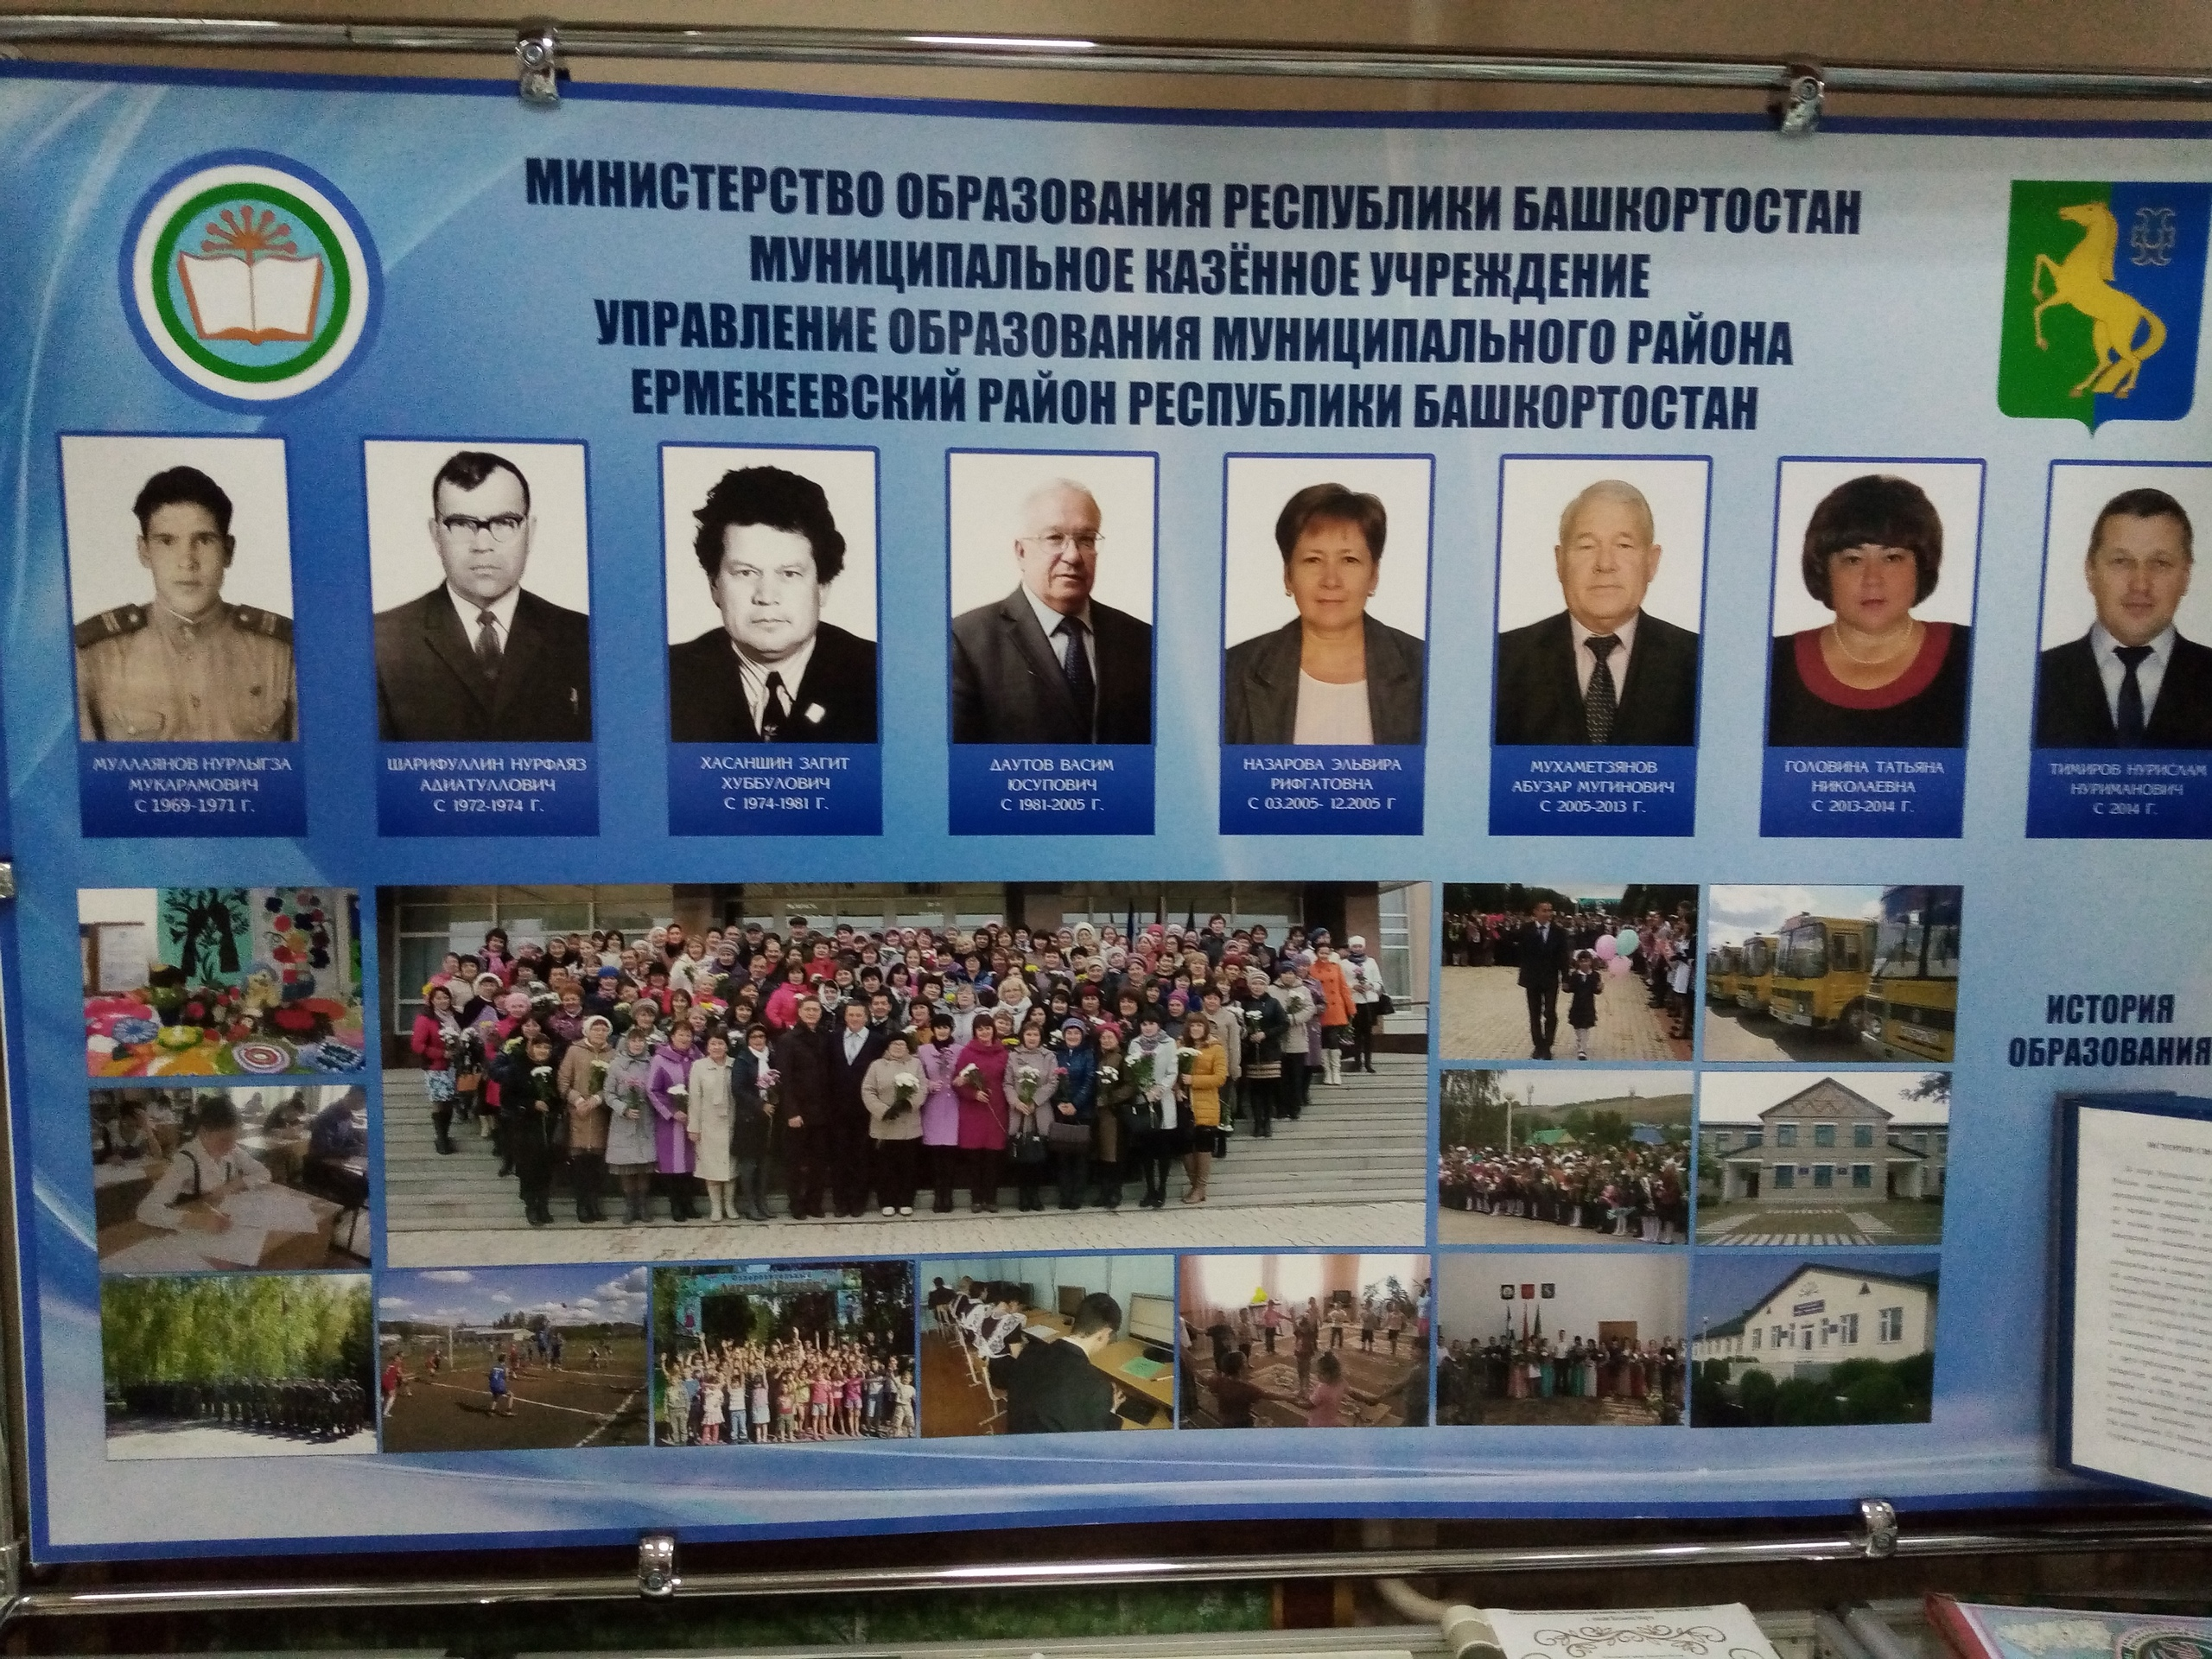 #деньзнаниймузеиРБ #ермекеевскиймузей Ермекеевский музей присоединяется к Республиканской